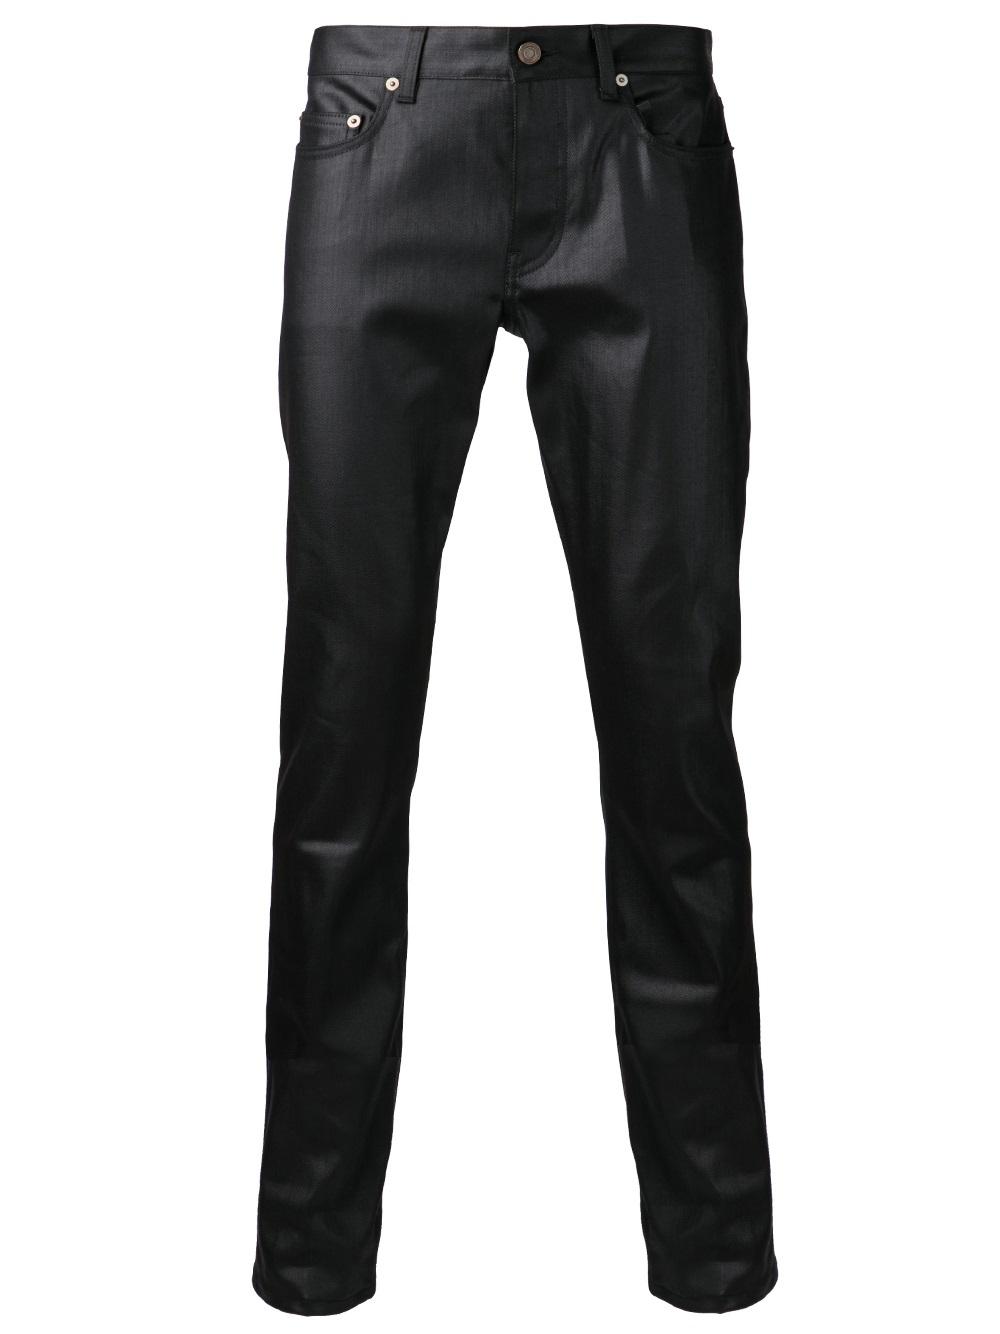 4a01eb0106e Saint Laurent Wax Denim Jeans in Black for Men - Lyst